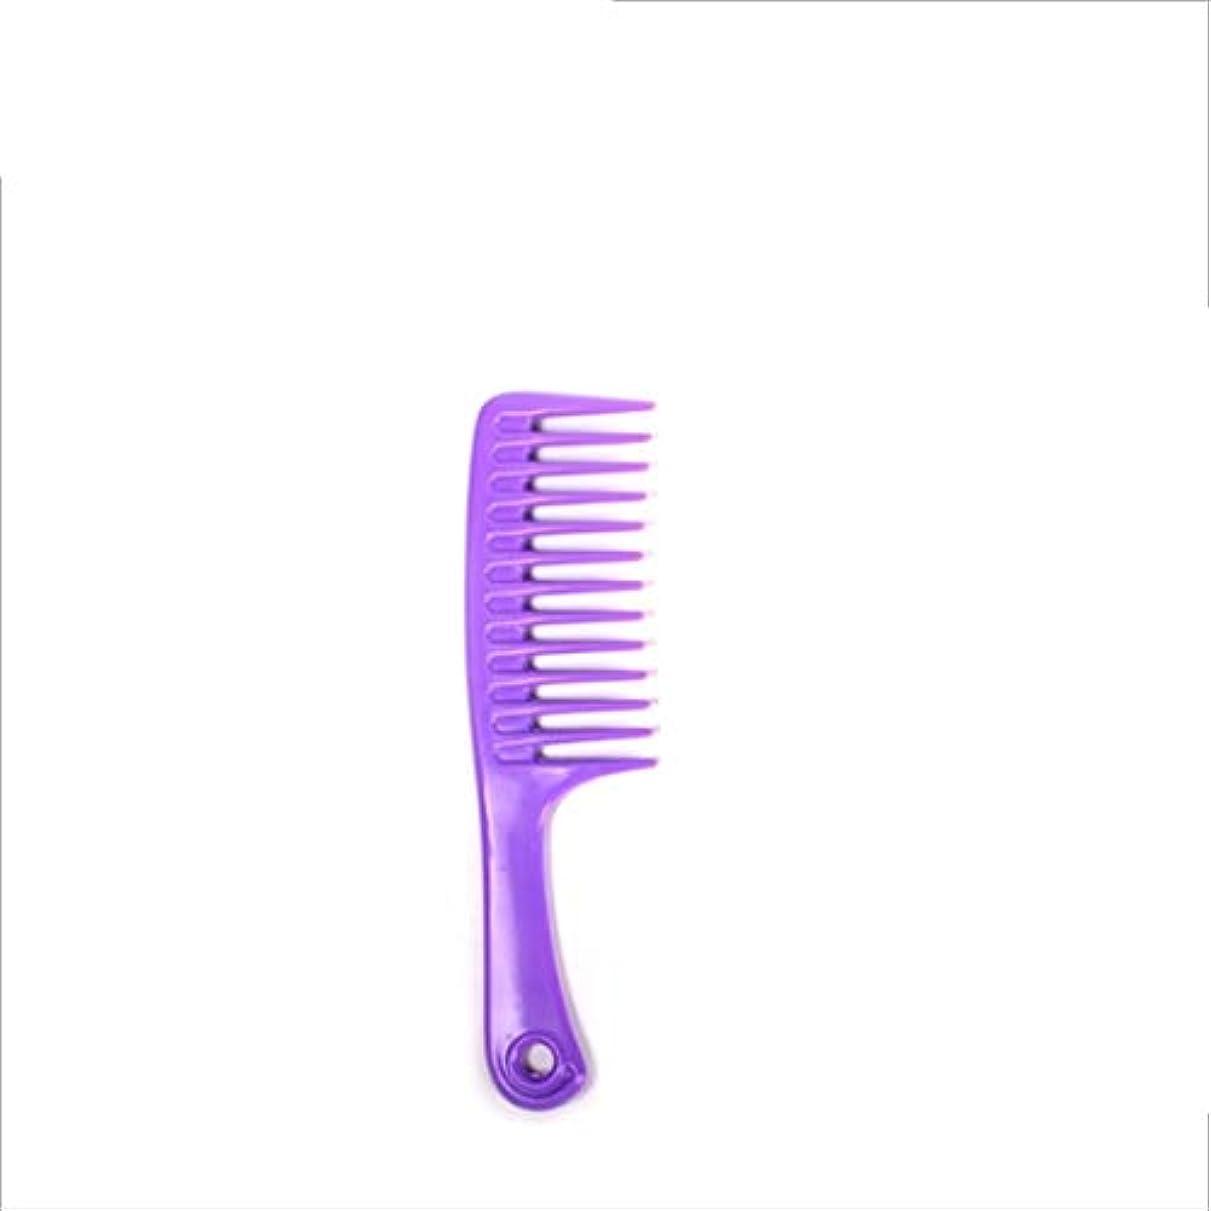 機械高速道路打ち負かすプラスチックのための大きい歯が付いているゴム製櫛および色のVary-24.5cmの帯電防止ほぐれの櫛 ヘアケア (色 : 紫の)